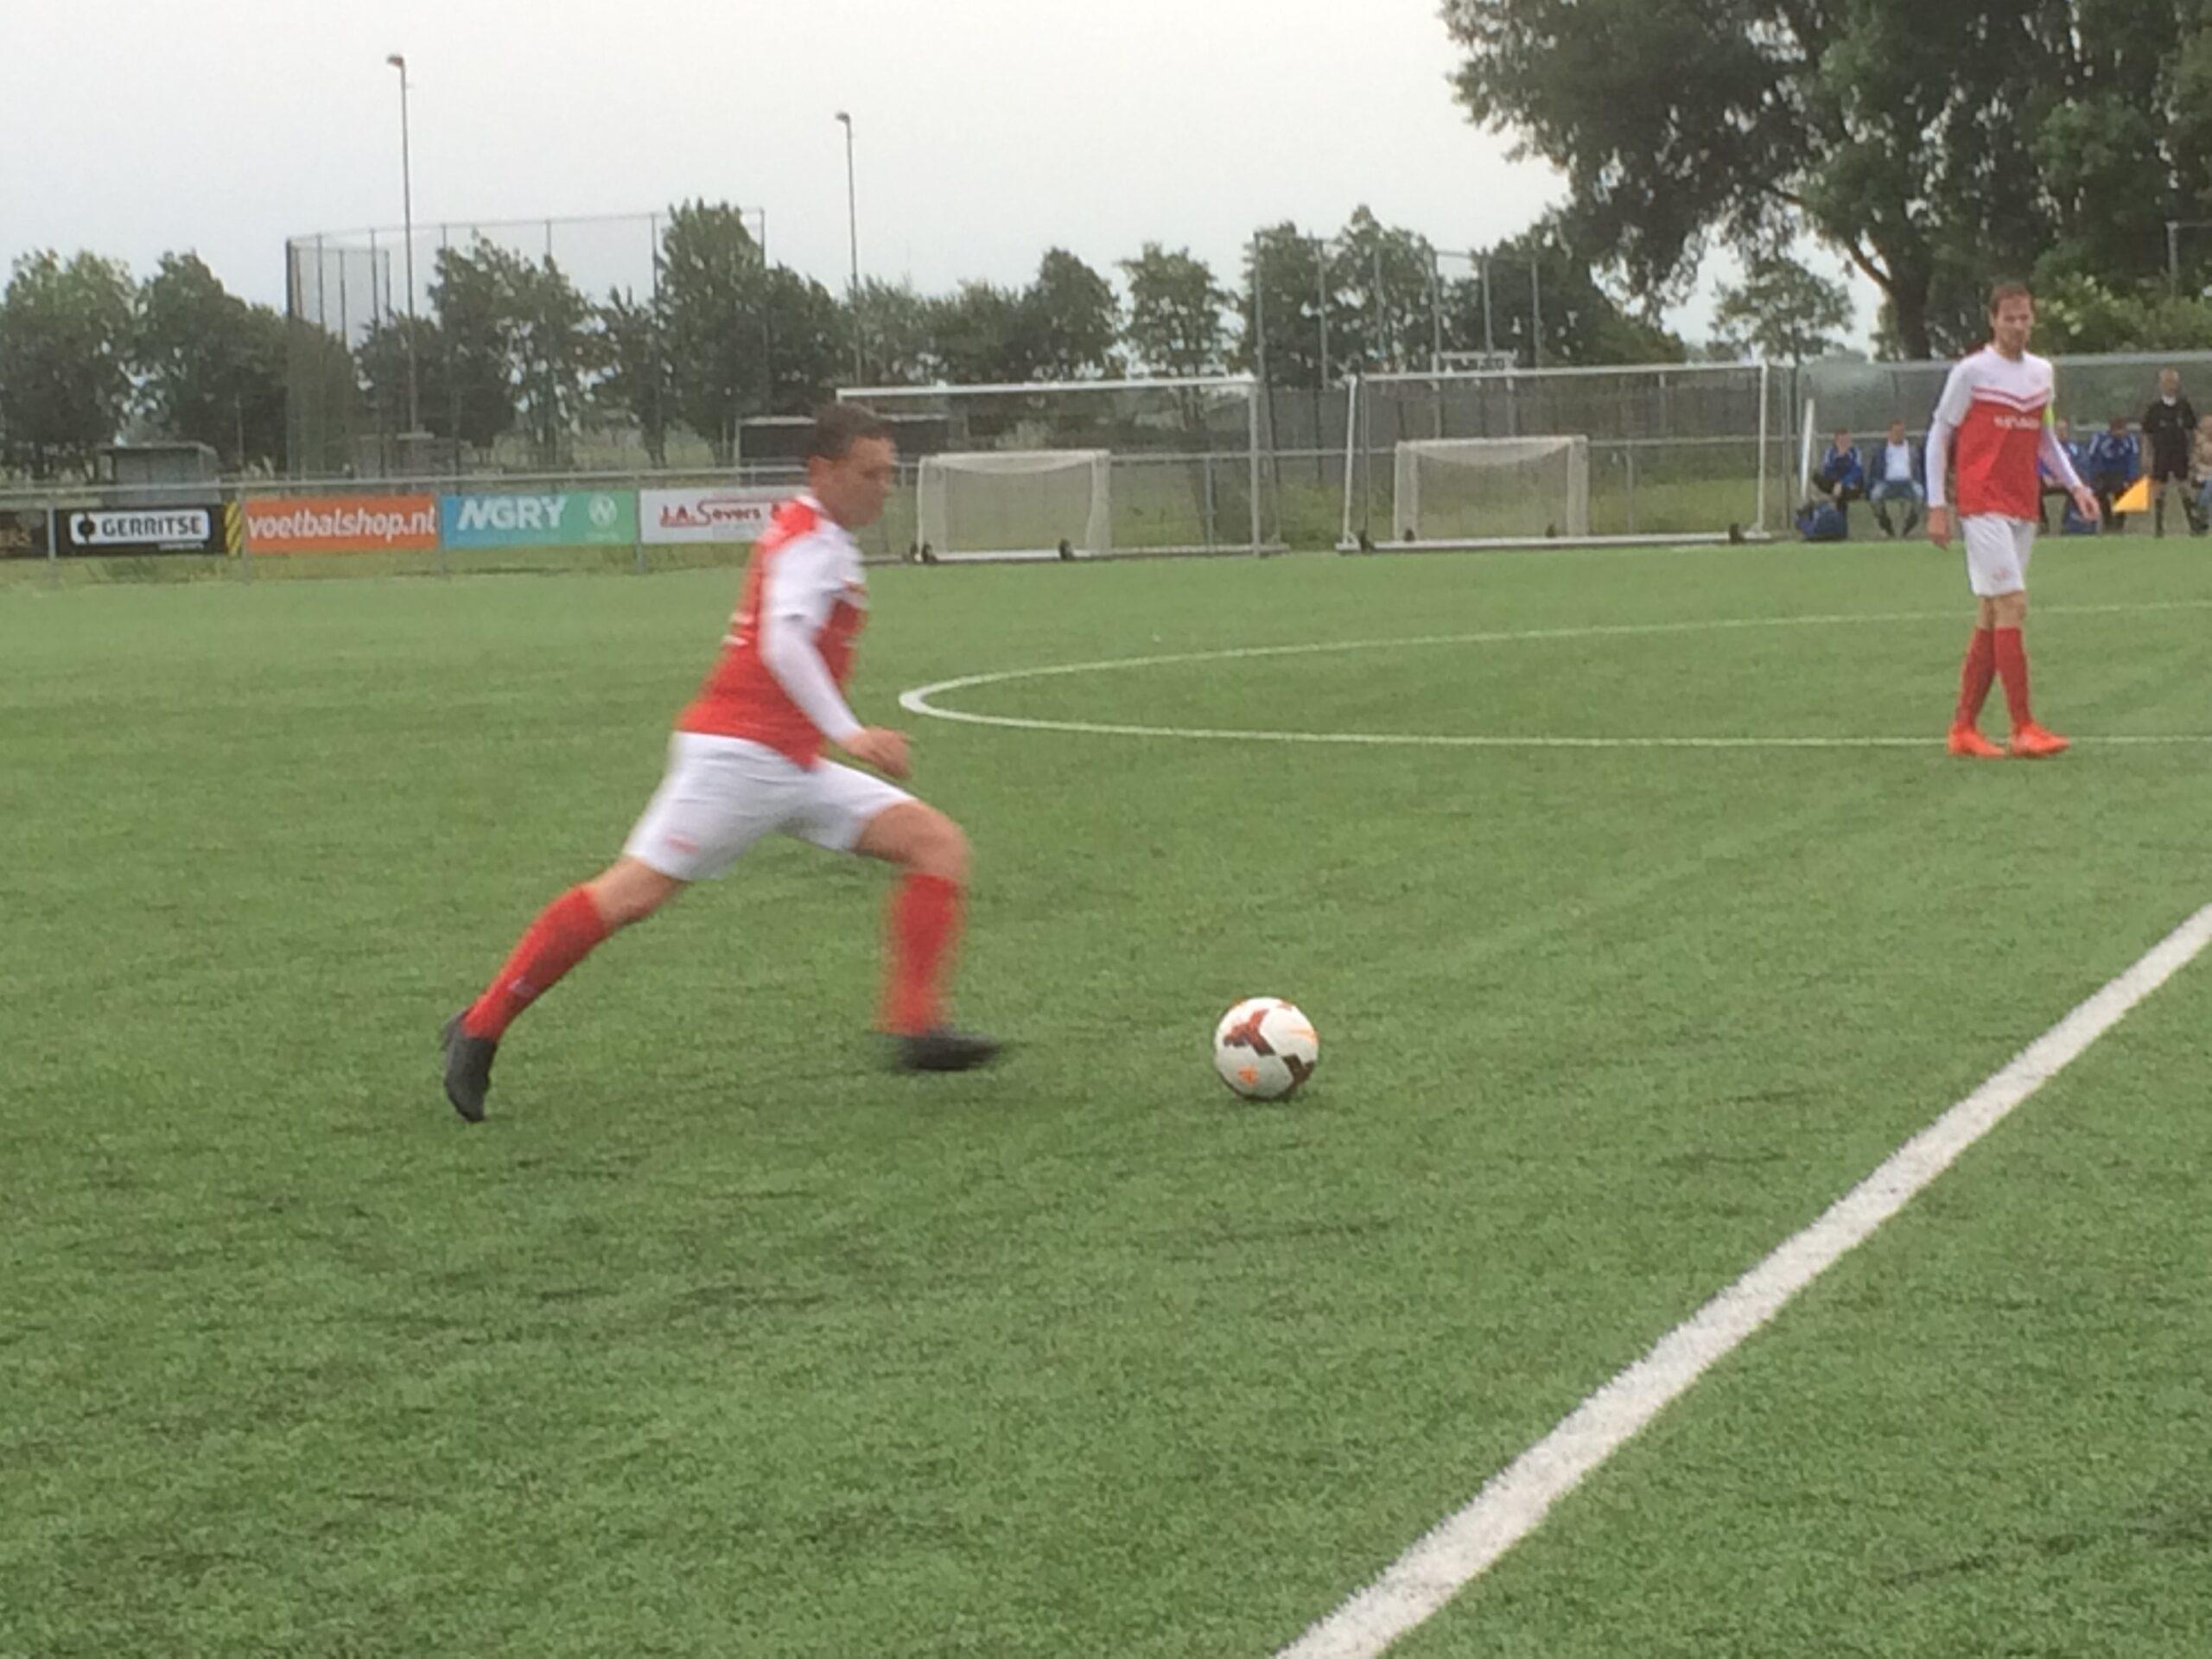 VV Linschoten